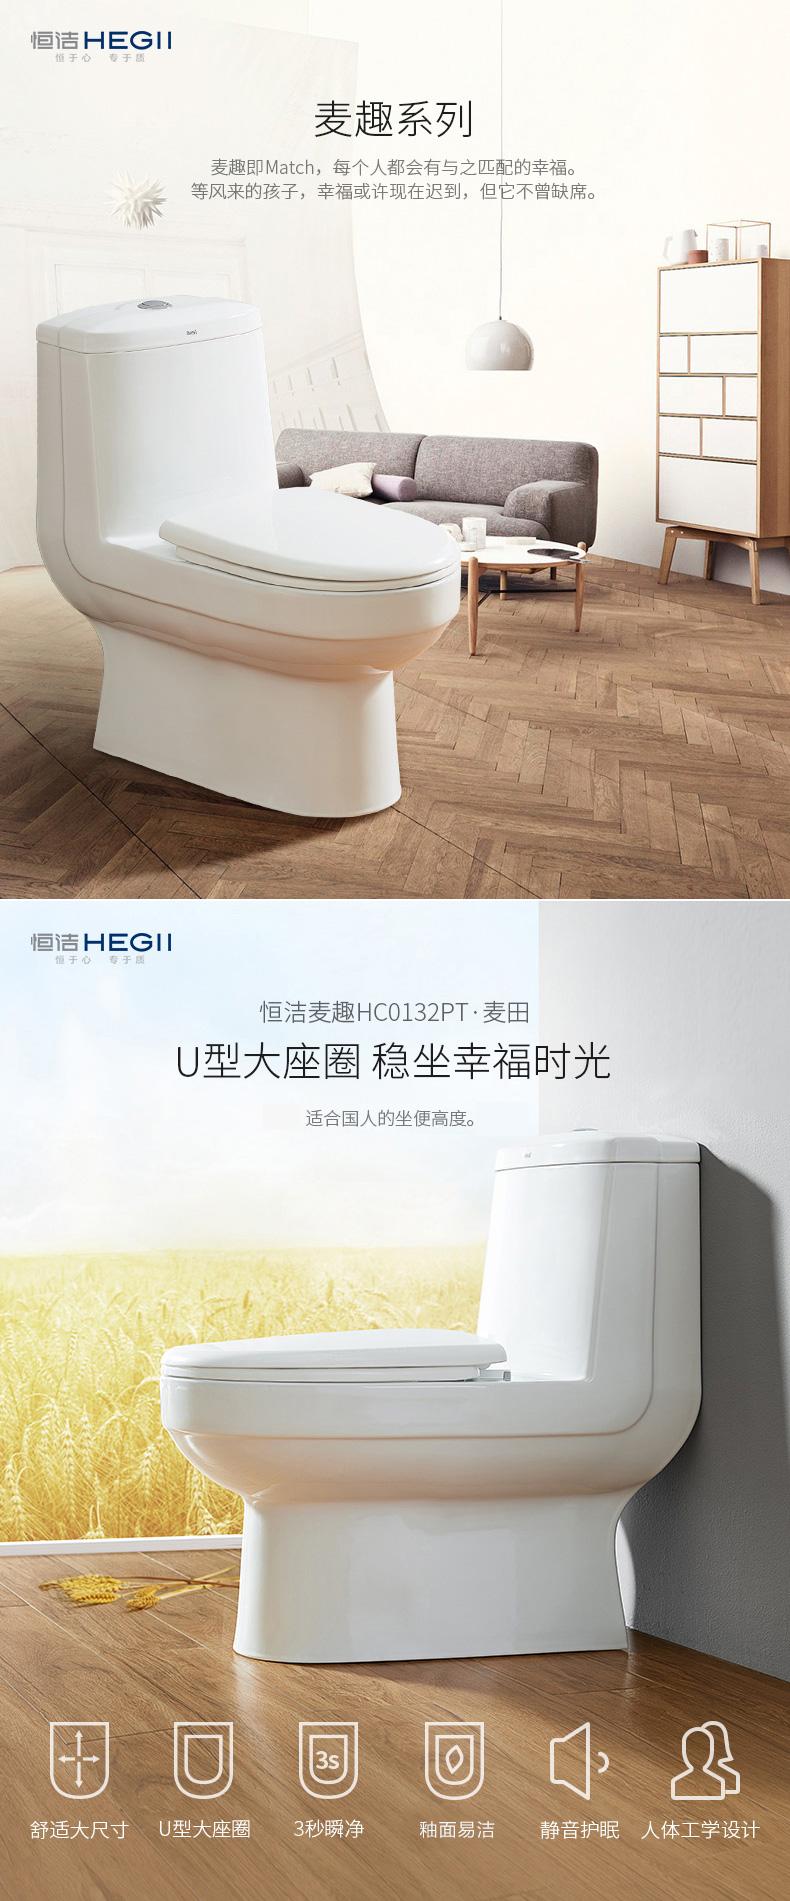 恒洁-大尺寸舒适款马桶HC0132PT_01.jpg